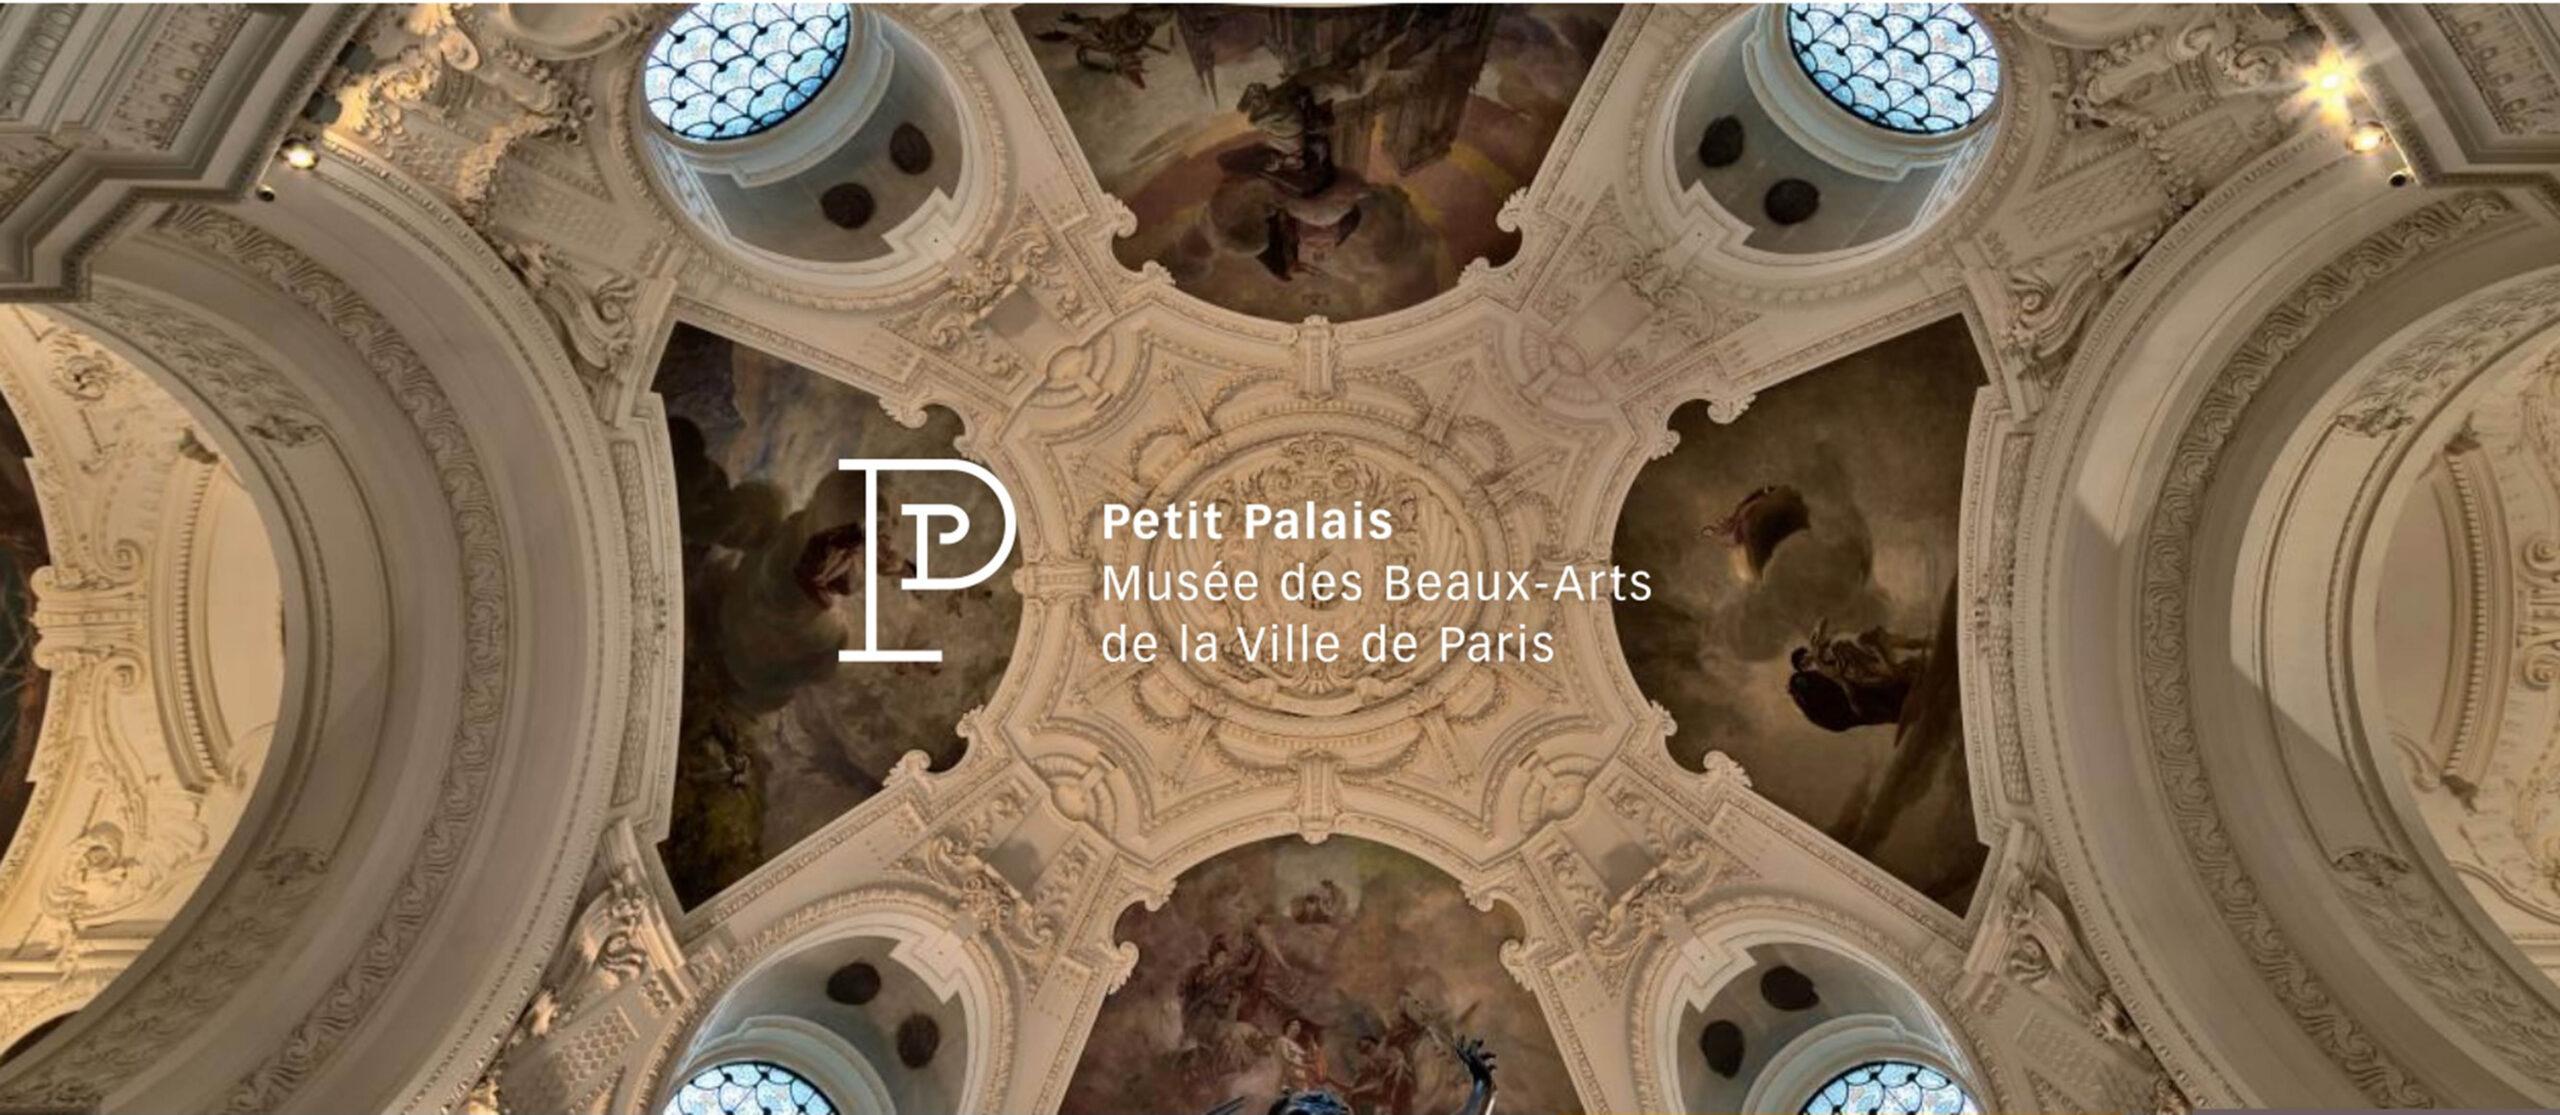 INSPIRA MATEMÁTICO EXPOSICIÓN ARTÍSTICA EN PARÍS